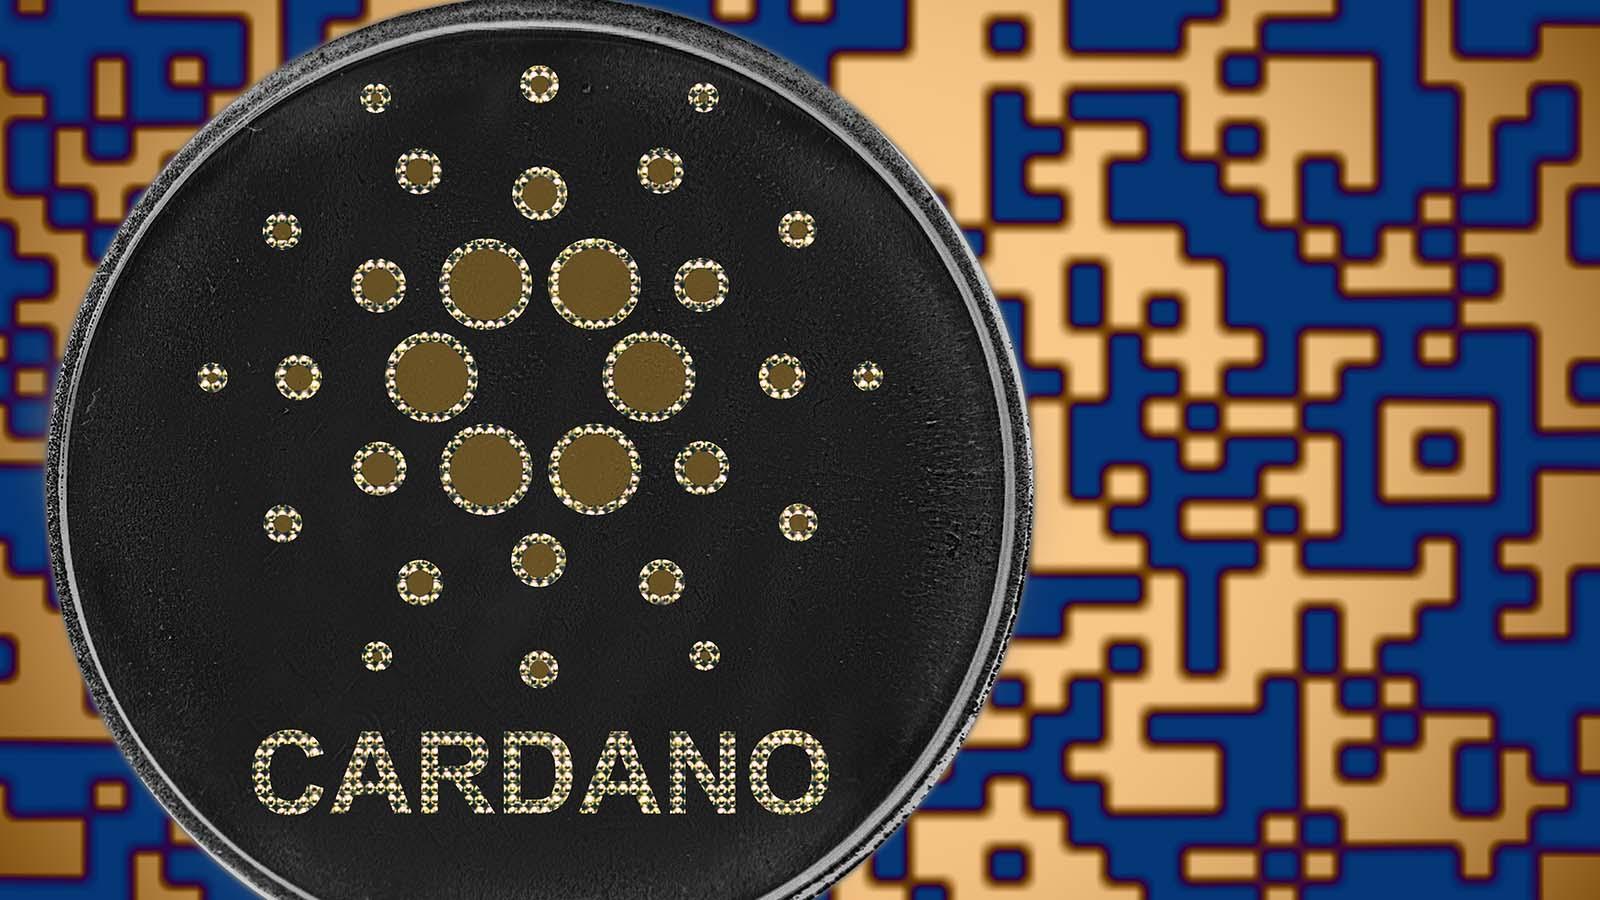 Predicciones de precios de Cardano: ¿Qué tan alto pueden llevar las nuevas actualizaciones a la criptografía ADA?